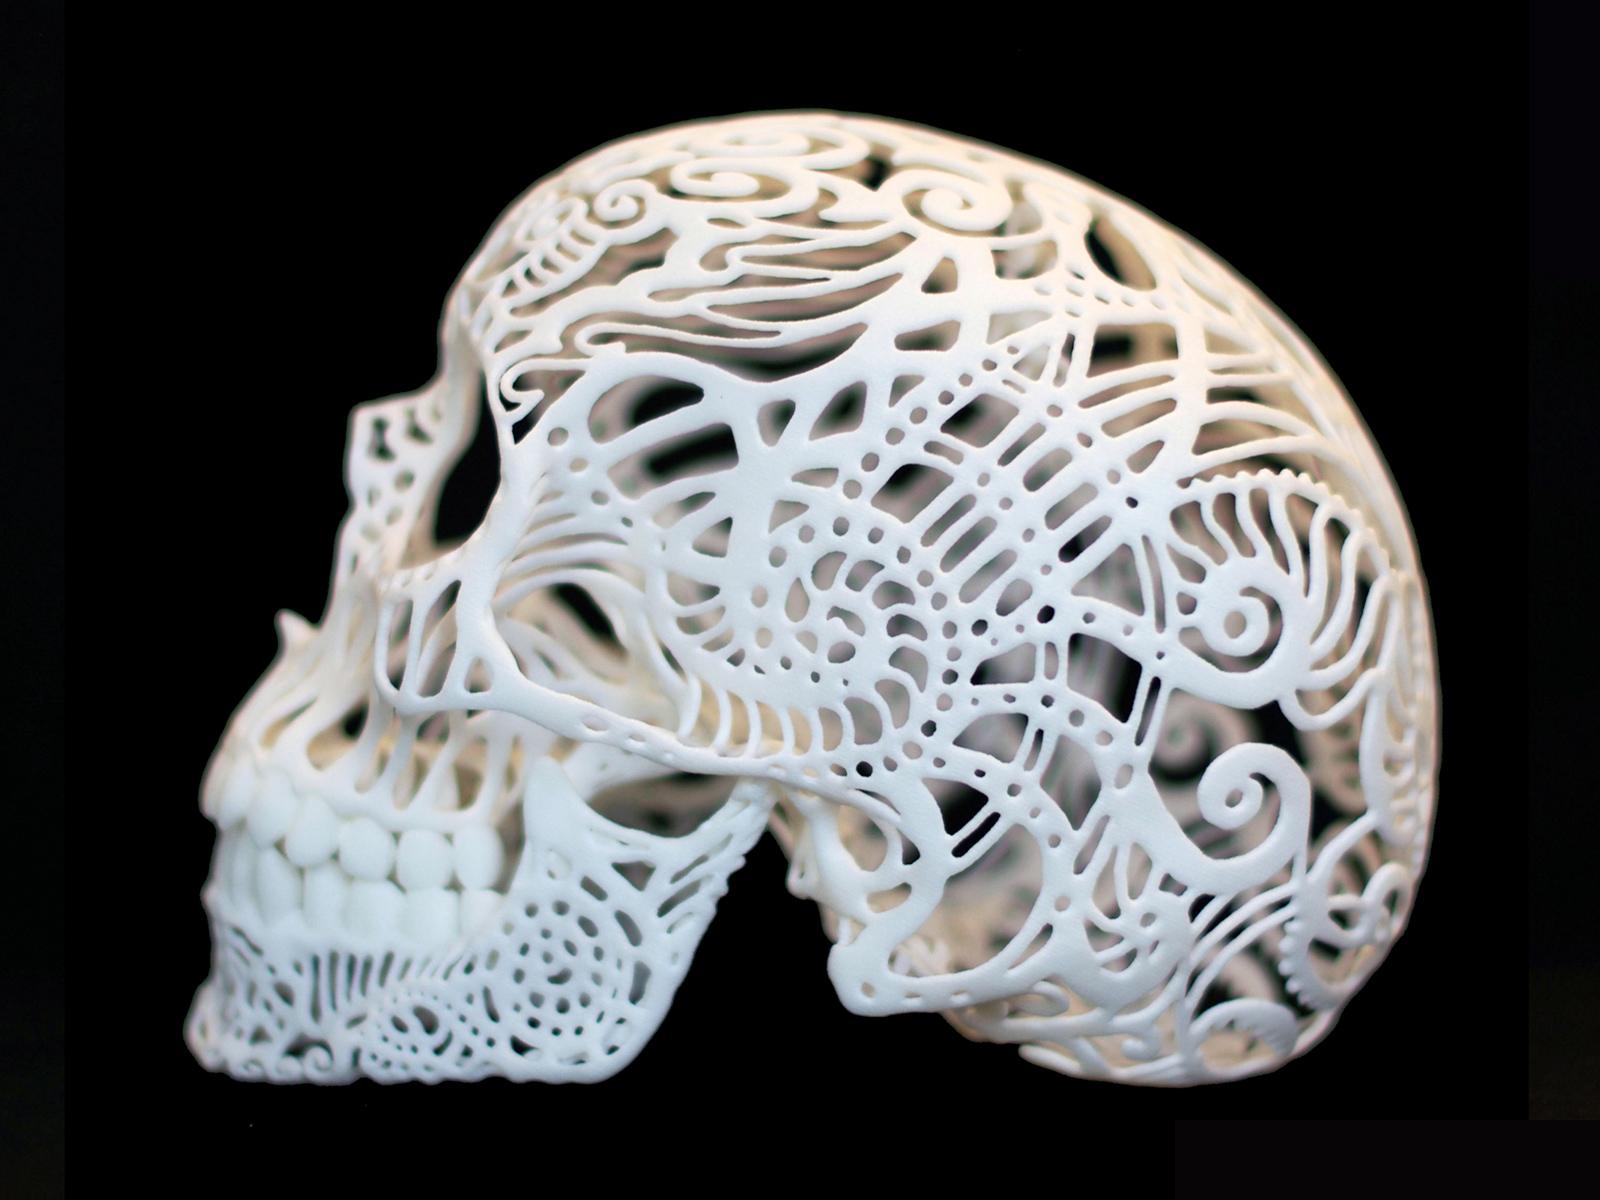 Нет, пациенту достался нетакой череп. Но этот тоже напечатан на3D-принтере. Детище скульптора Джошуа Харкера (Joshua Harker) наглядно демонстрирует возможности технологии.